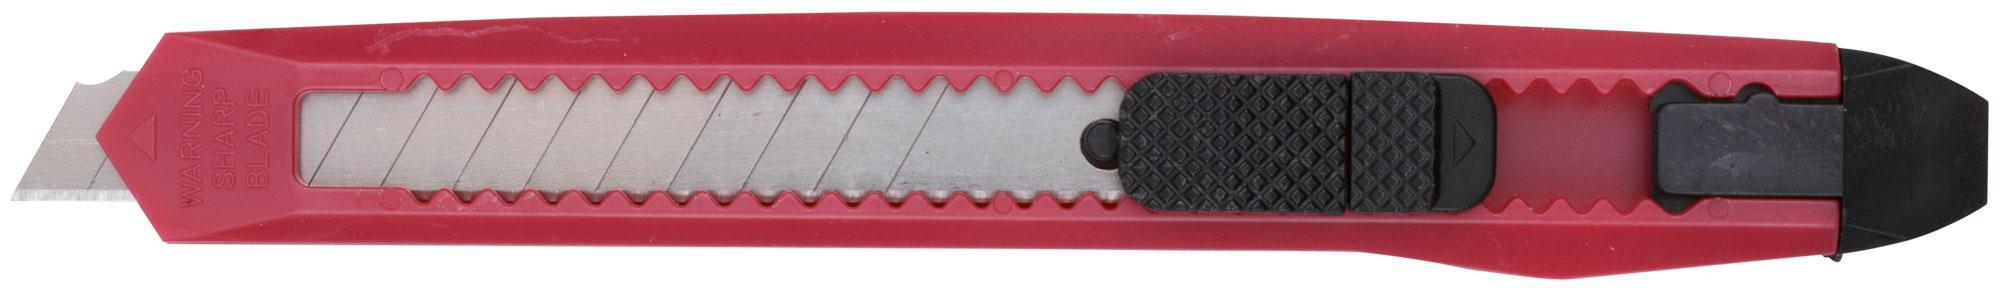 Нож КУРС 10161